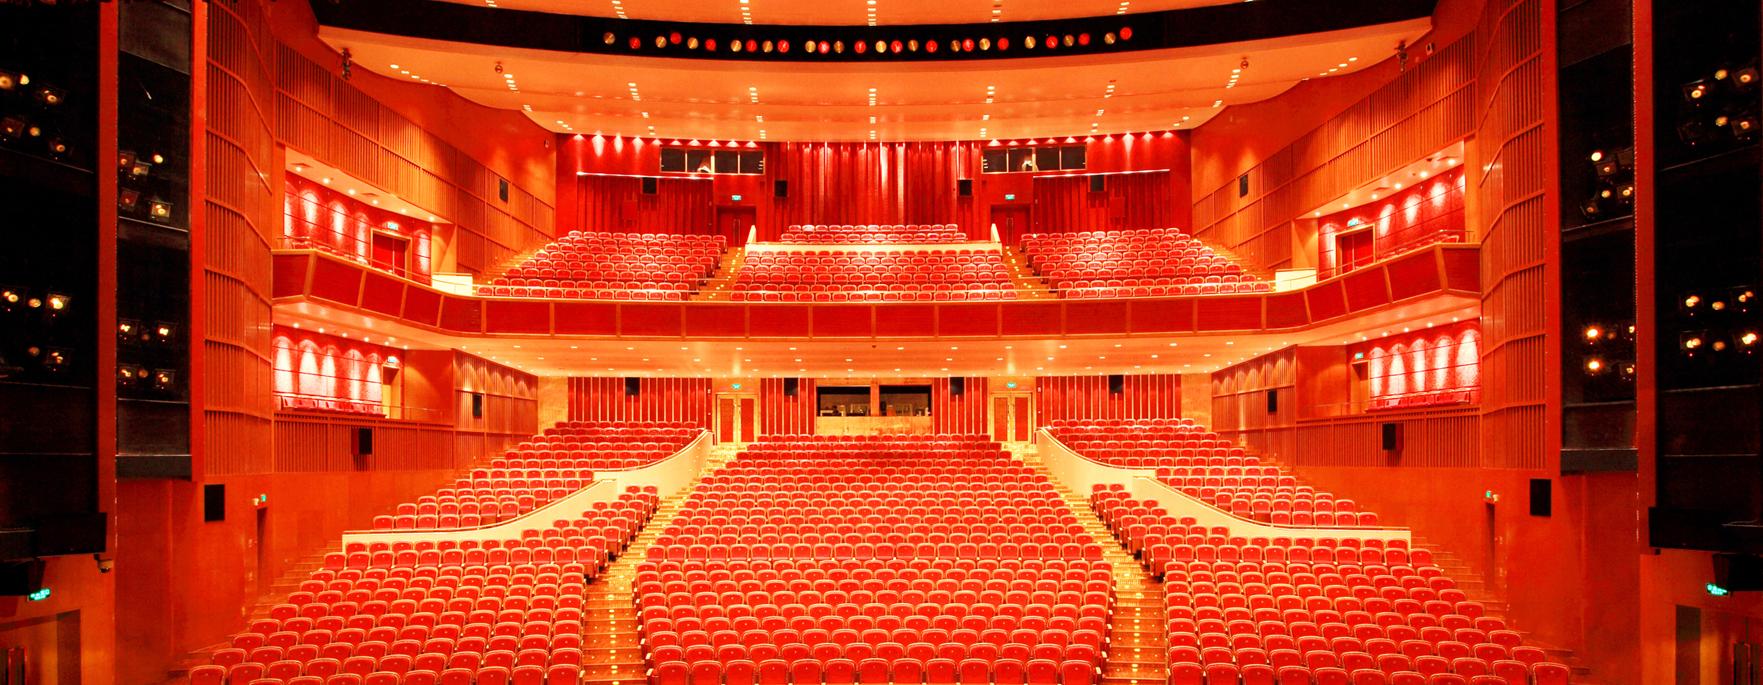 歌剧院.jpg